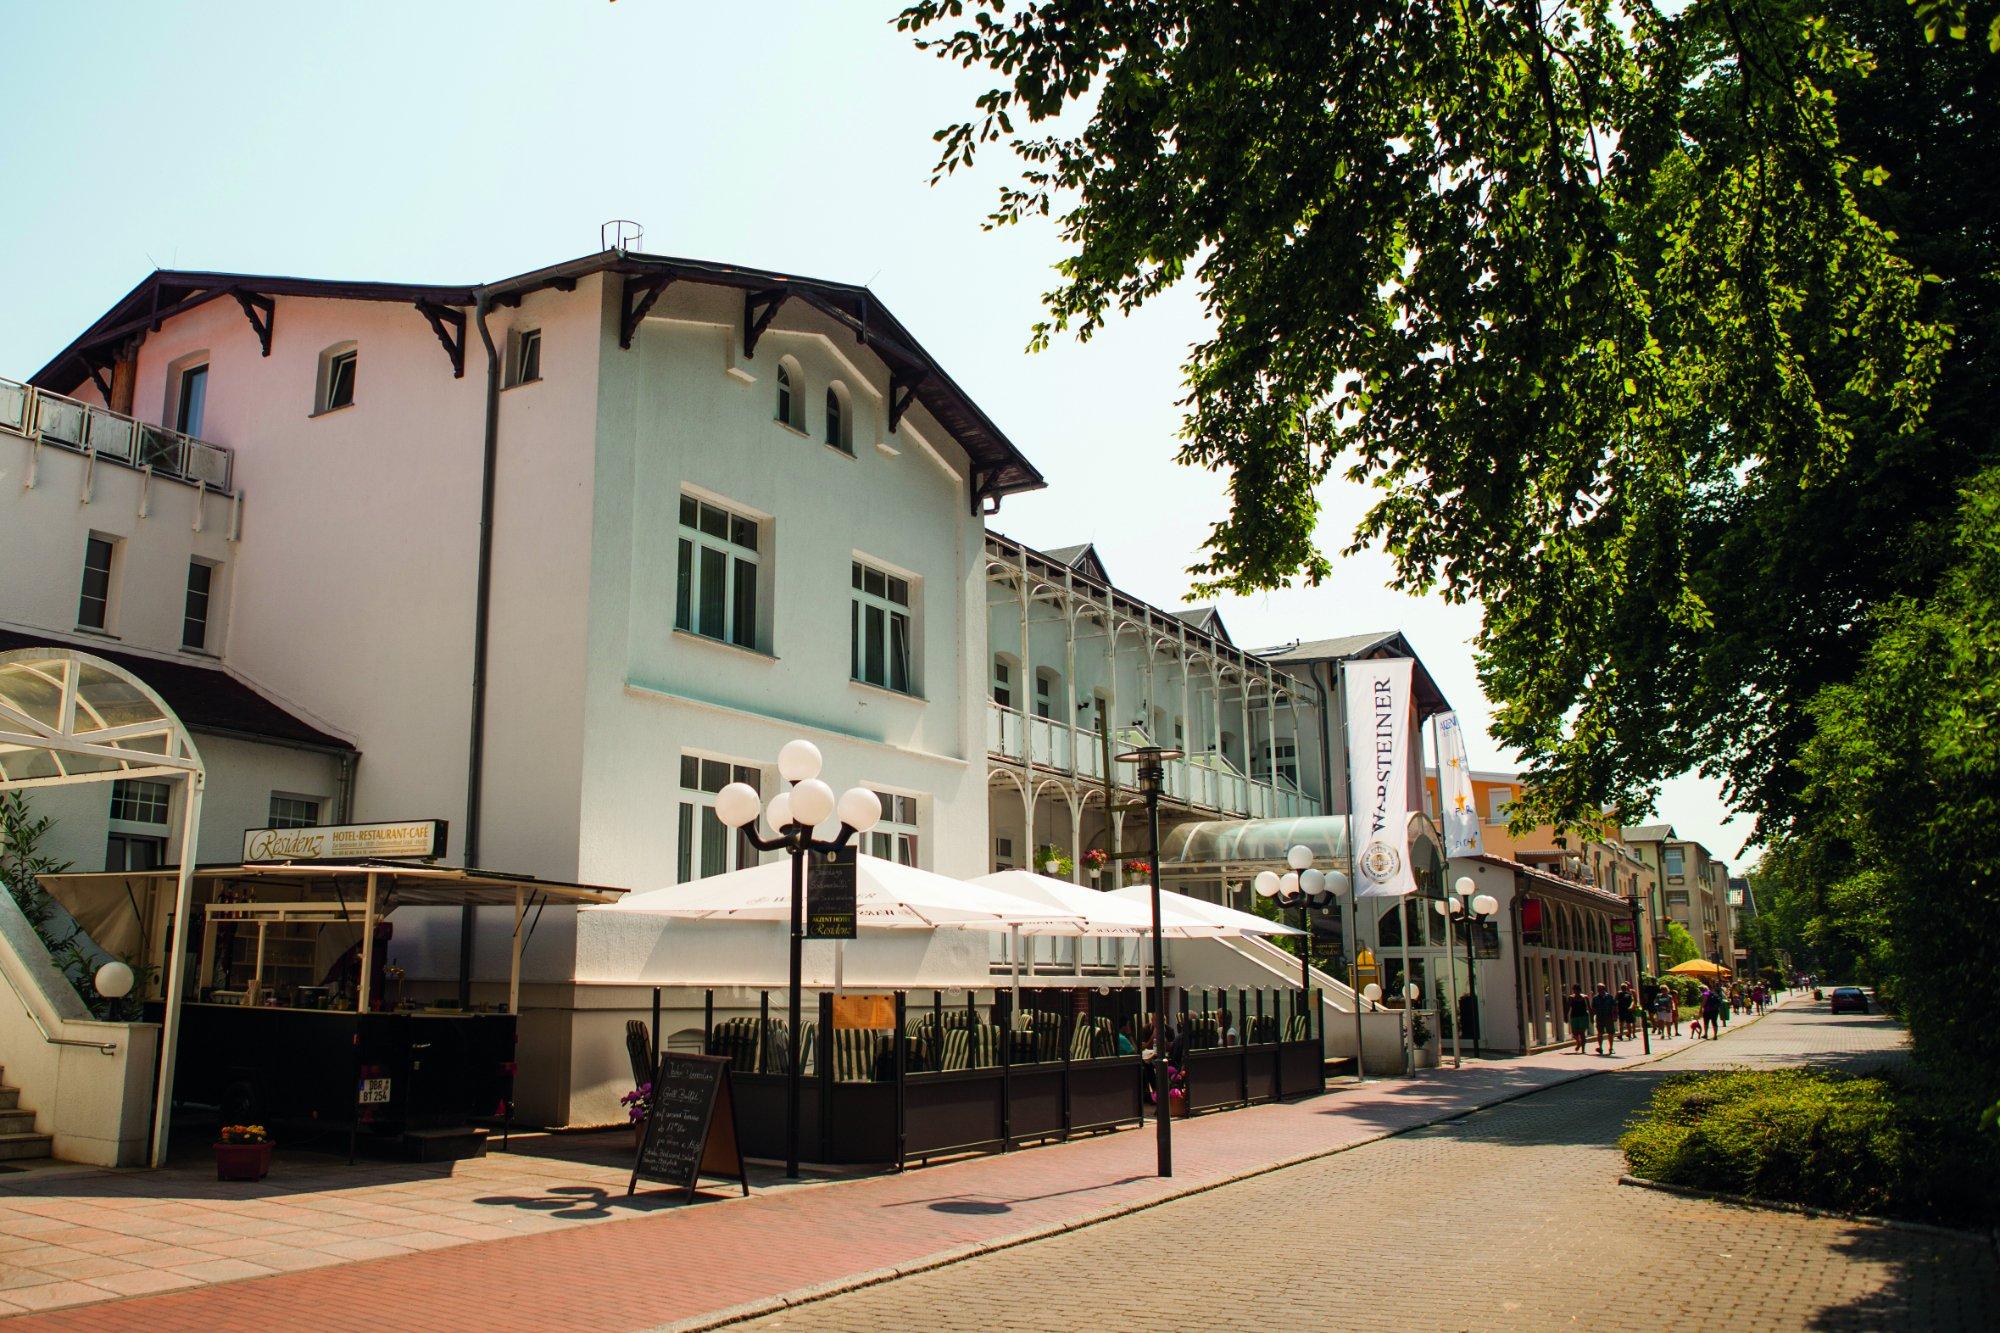 AKZENT Hotel Residenz